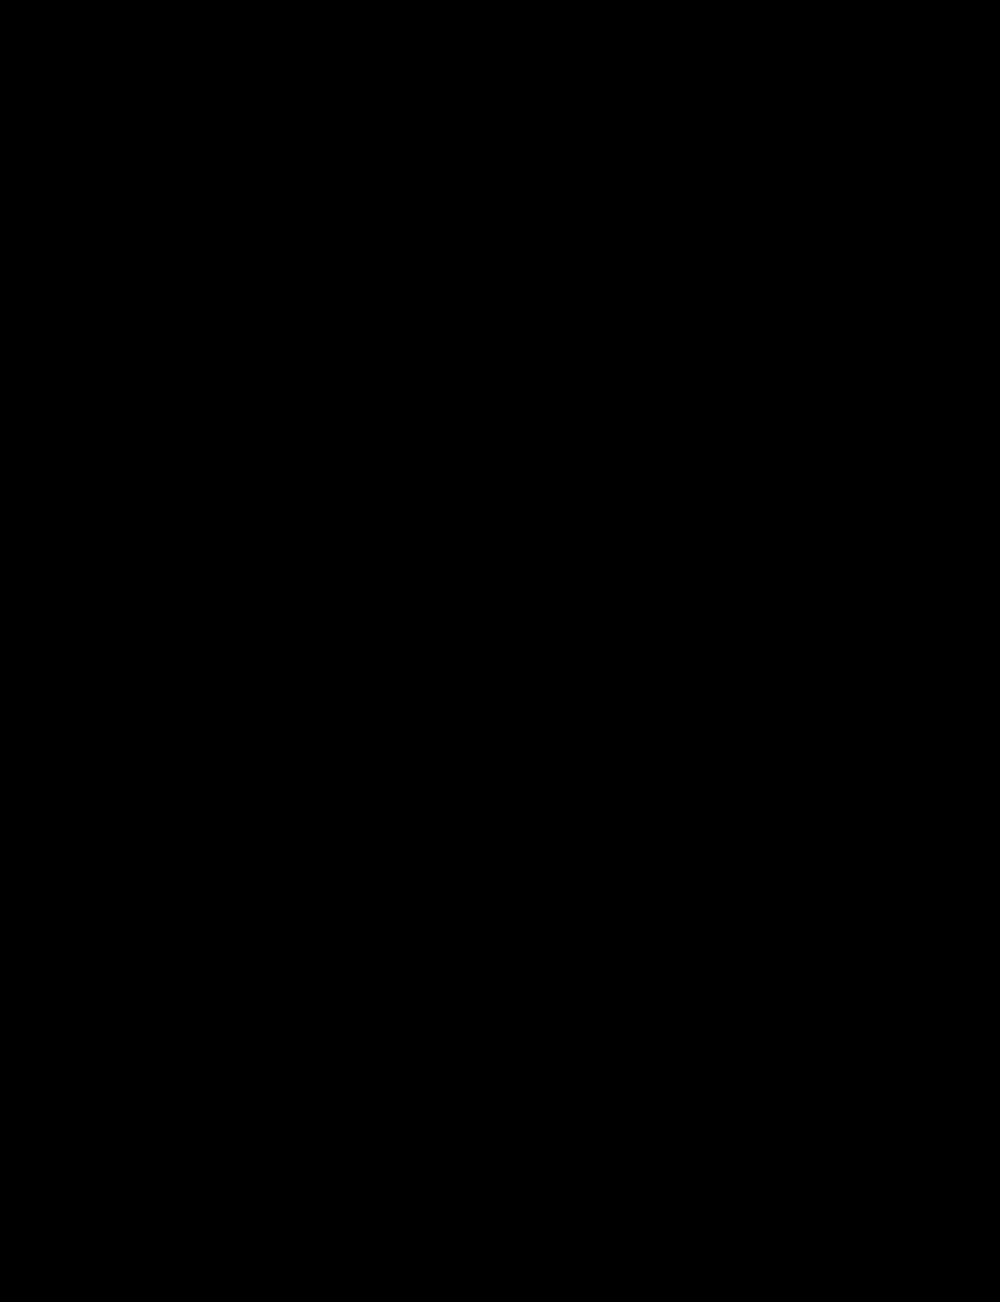 A wavy mid-length